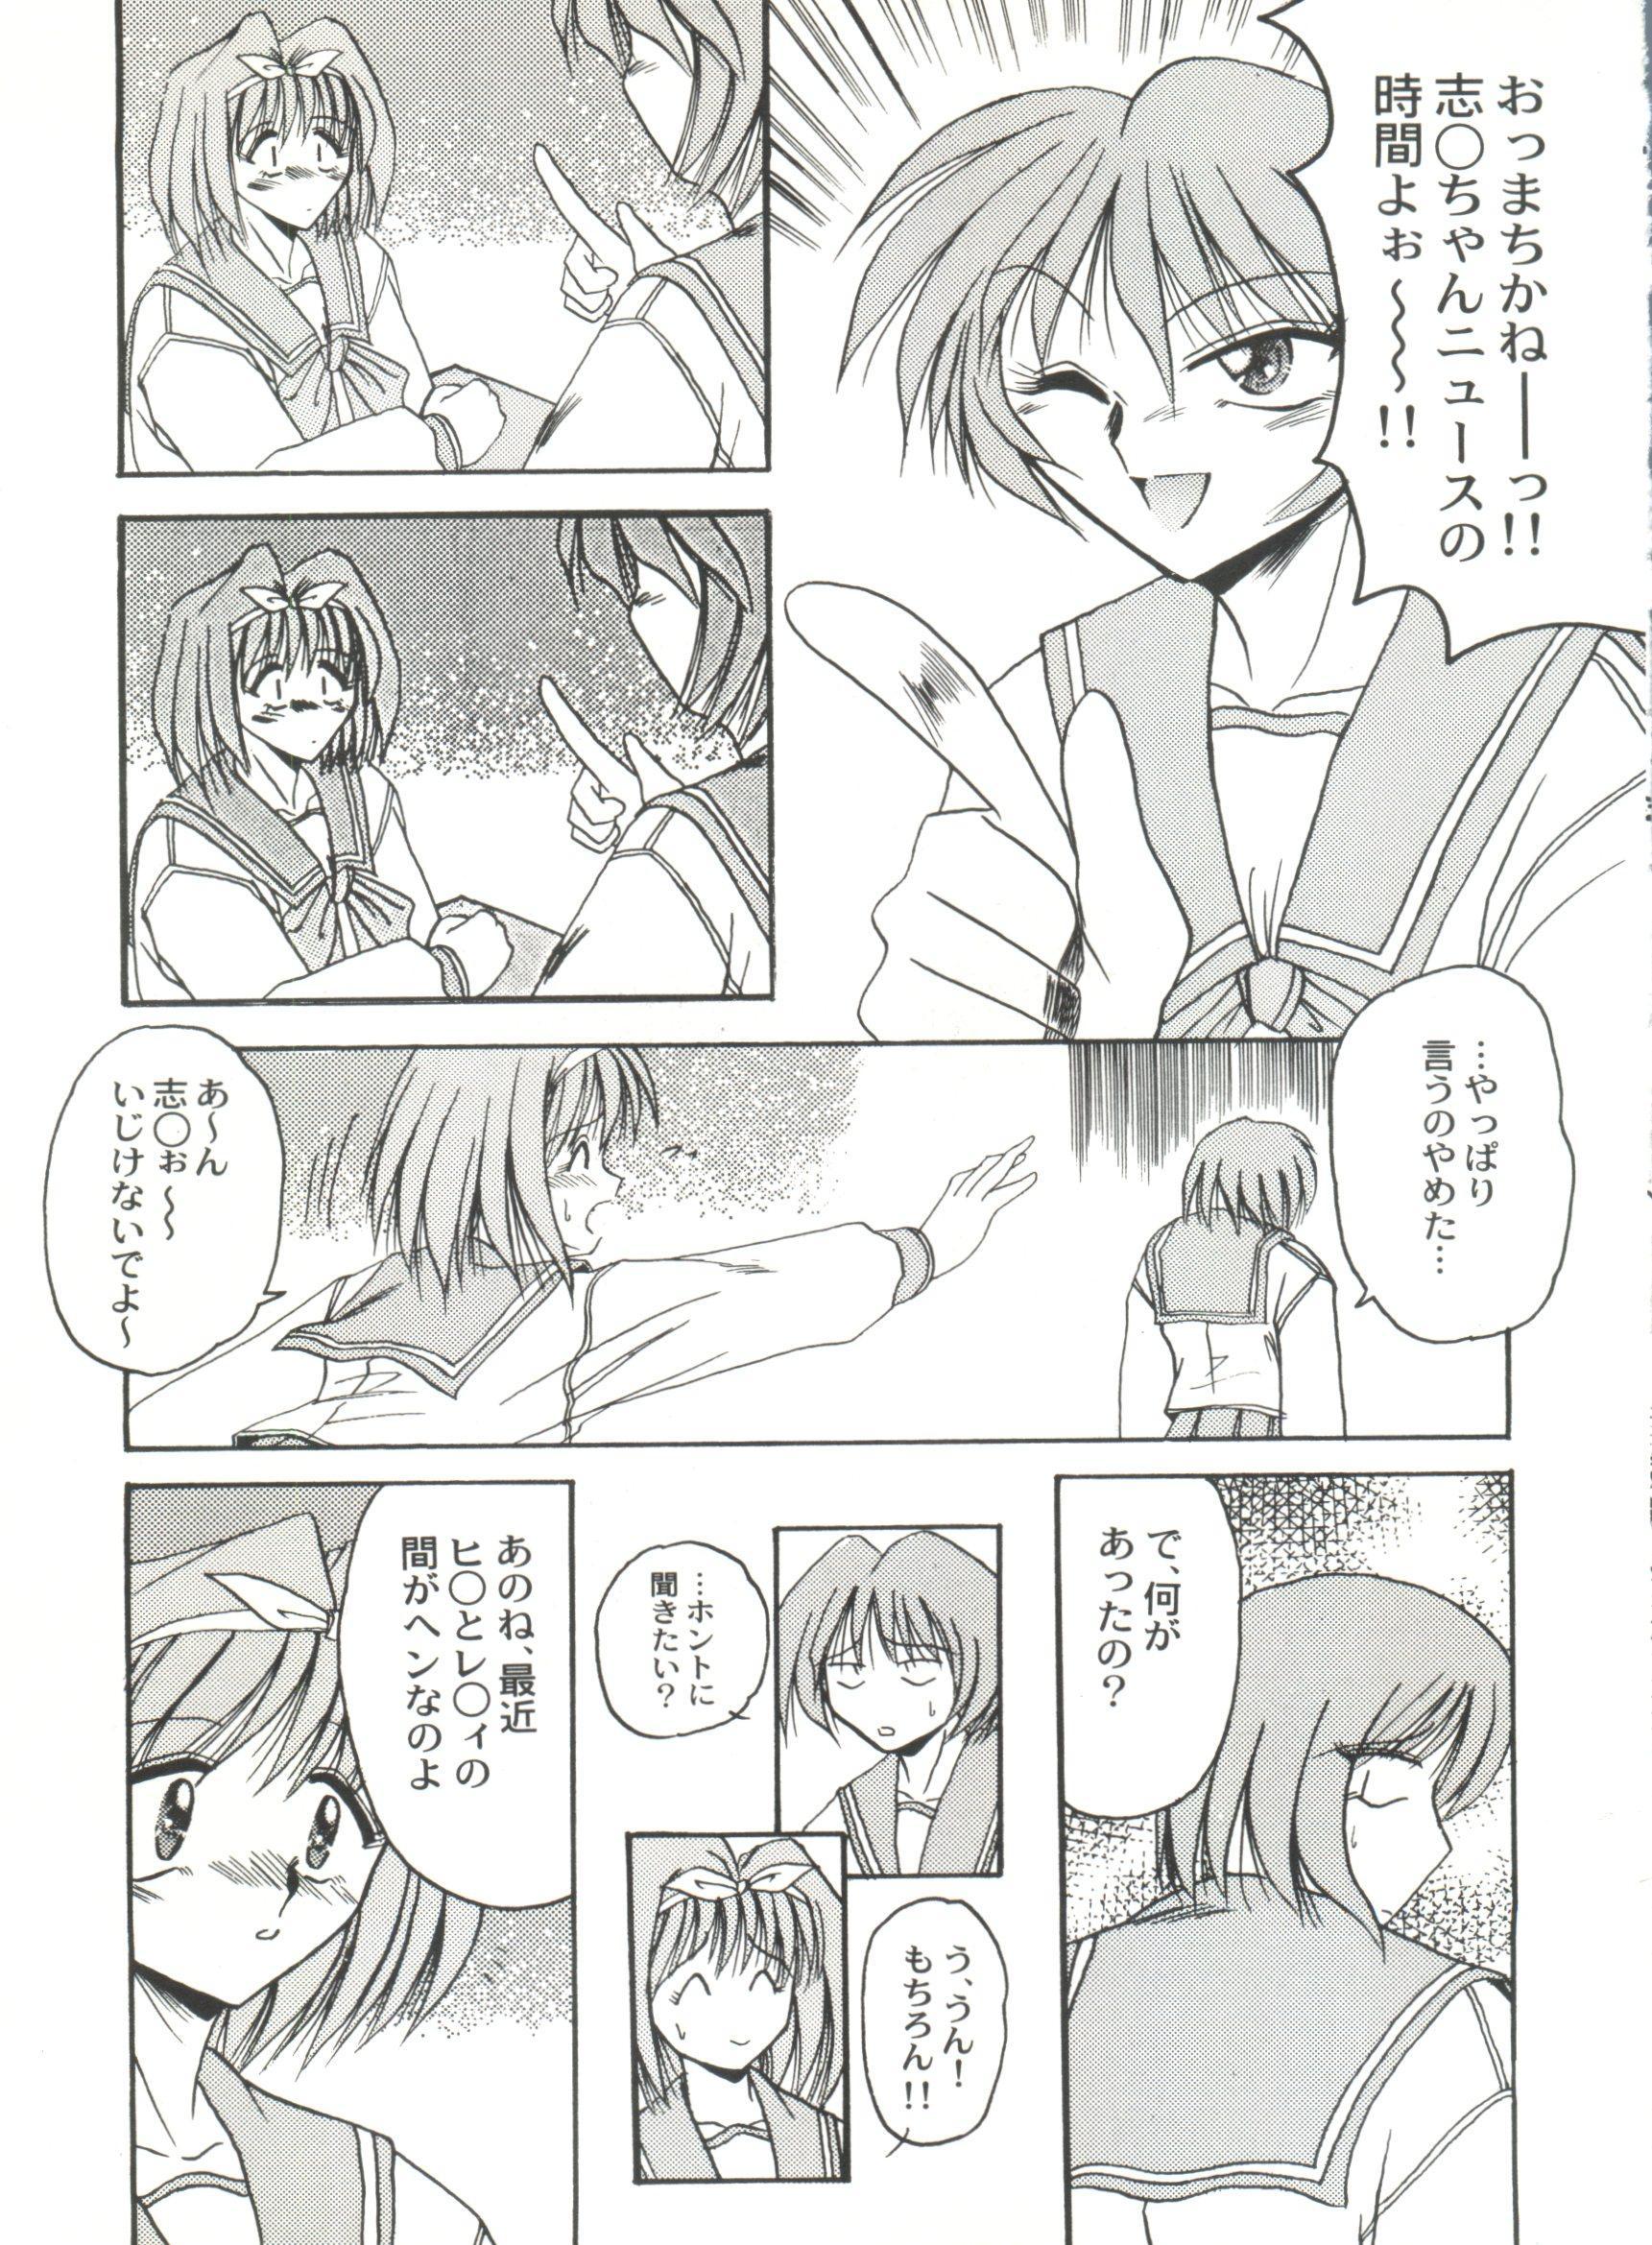 Bishoujo Doujinshi Anthology Cute 4 28